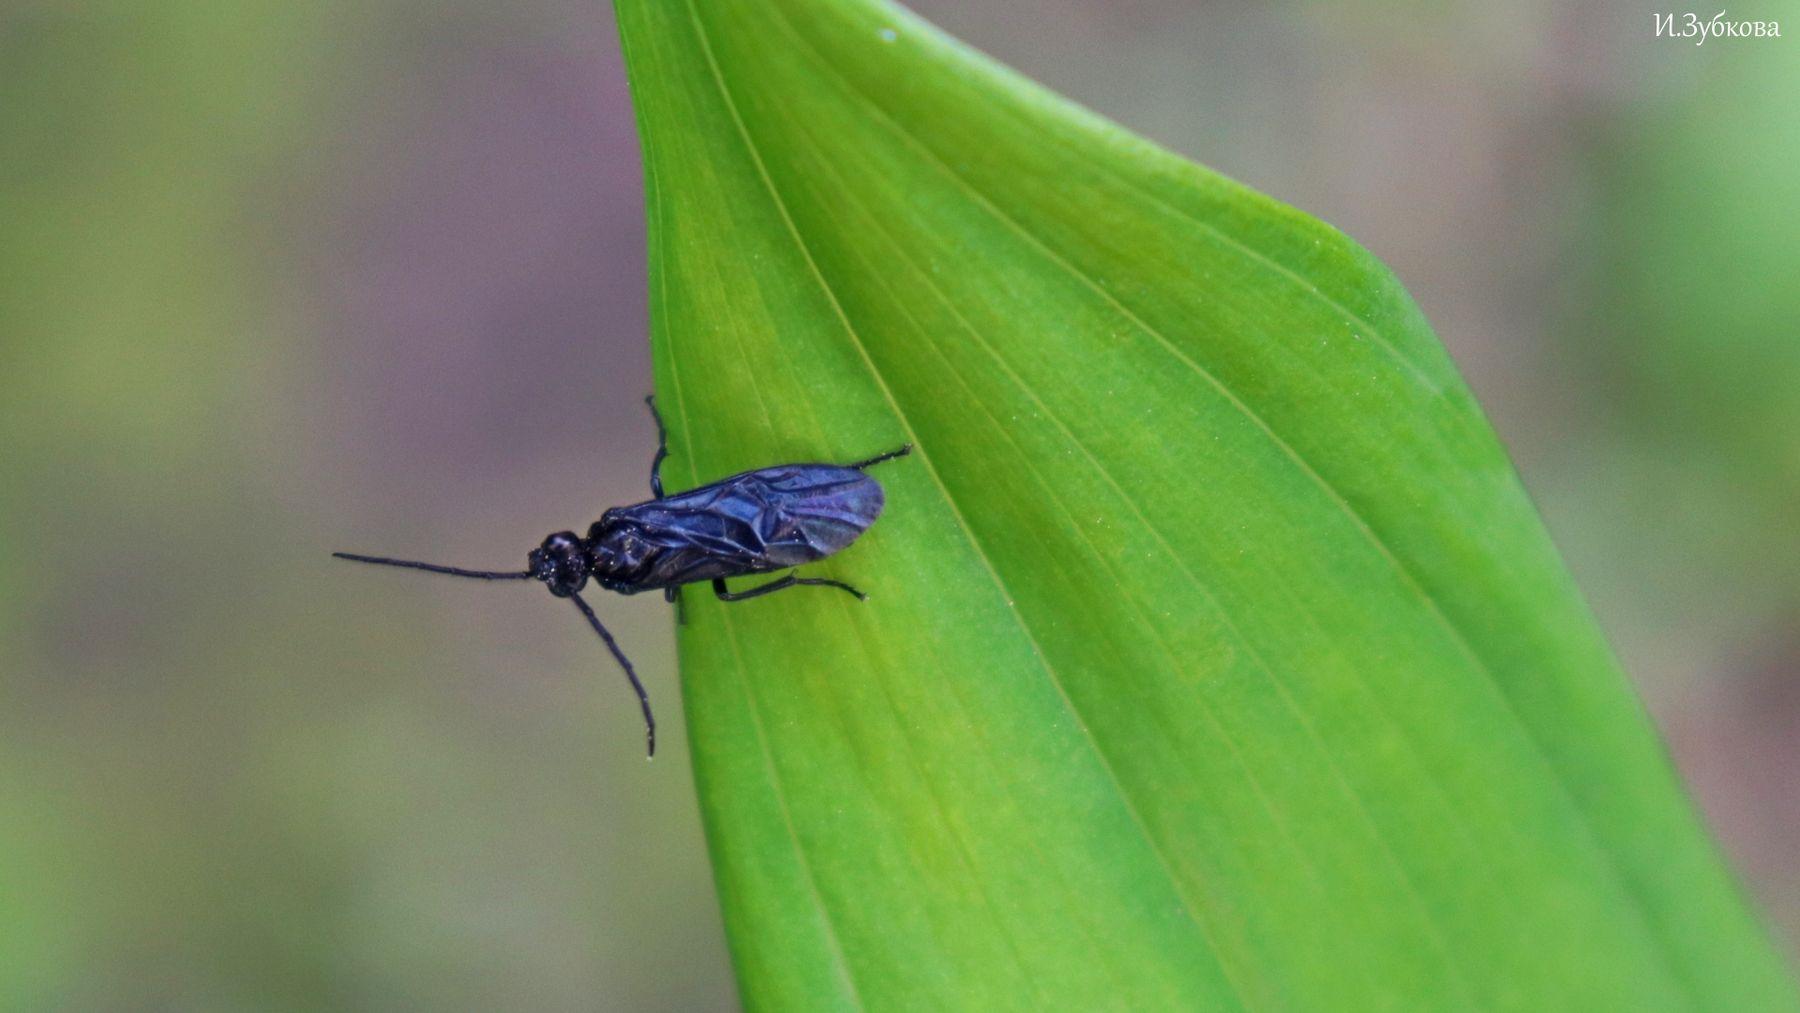 Львиная черная муха муха насекомые макро